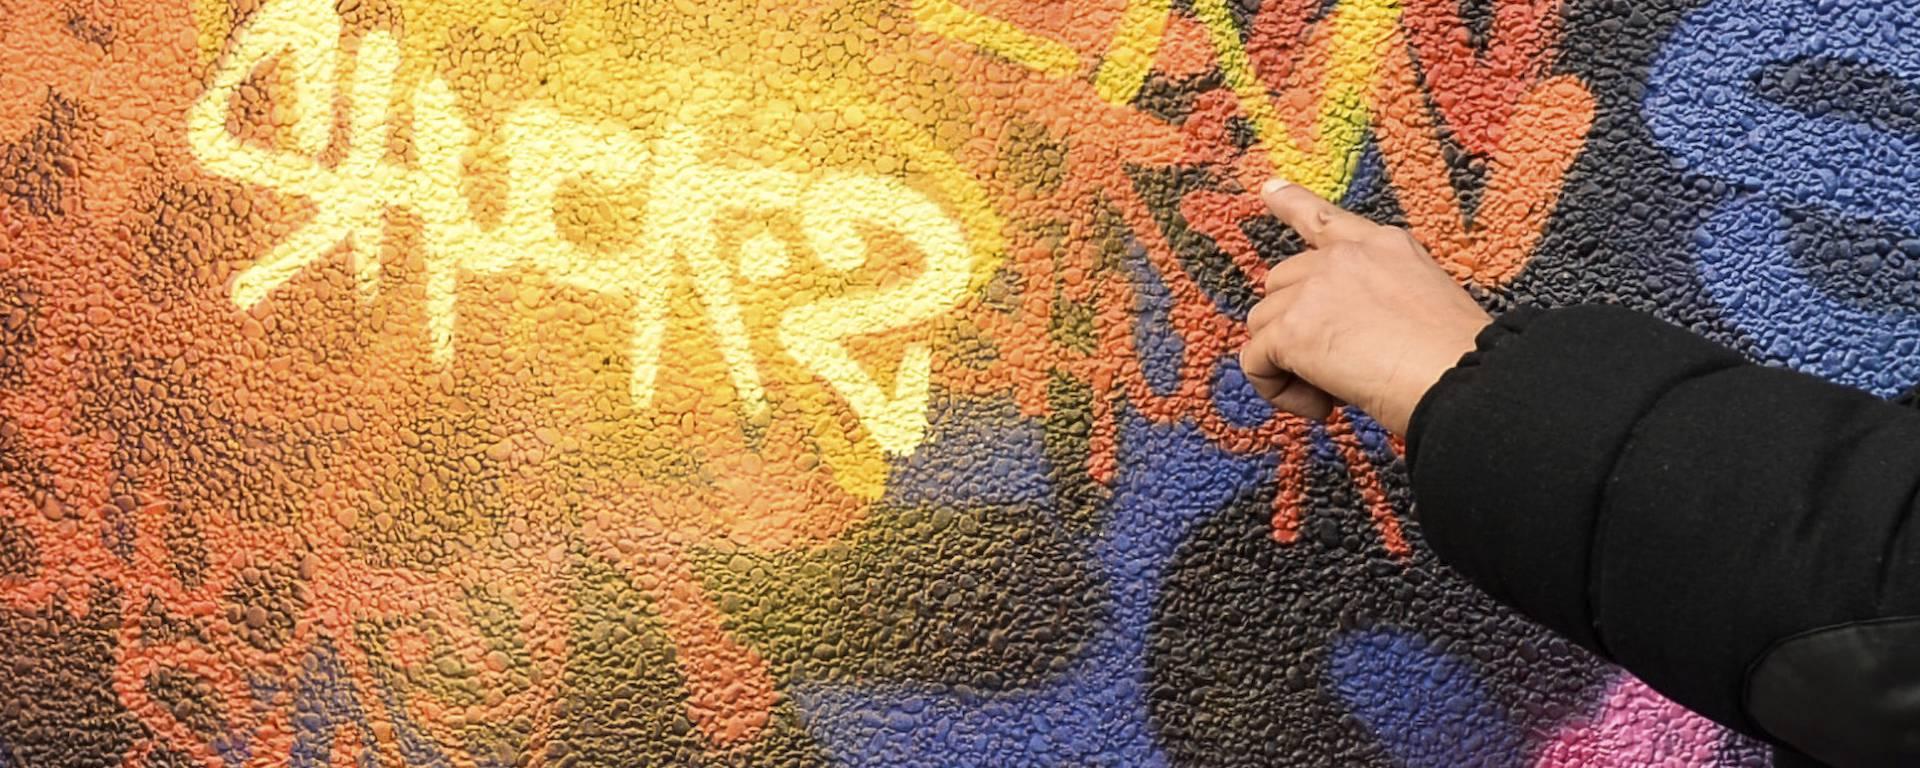 street-art-swen